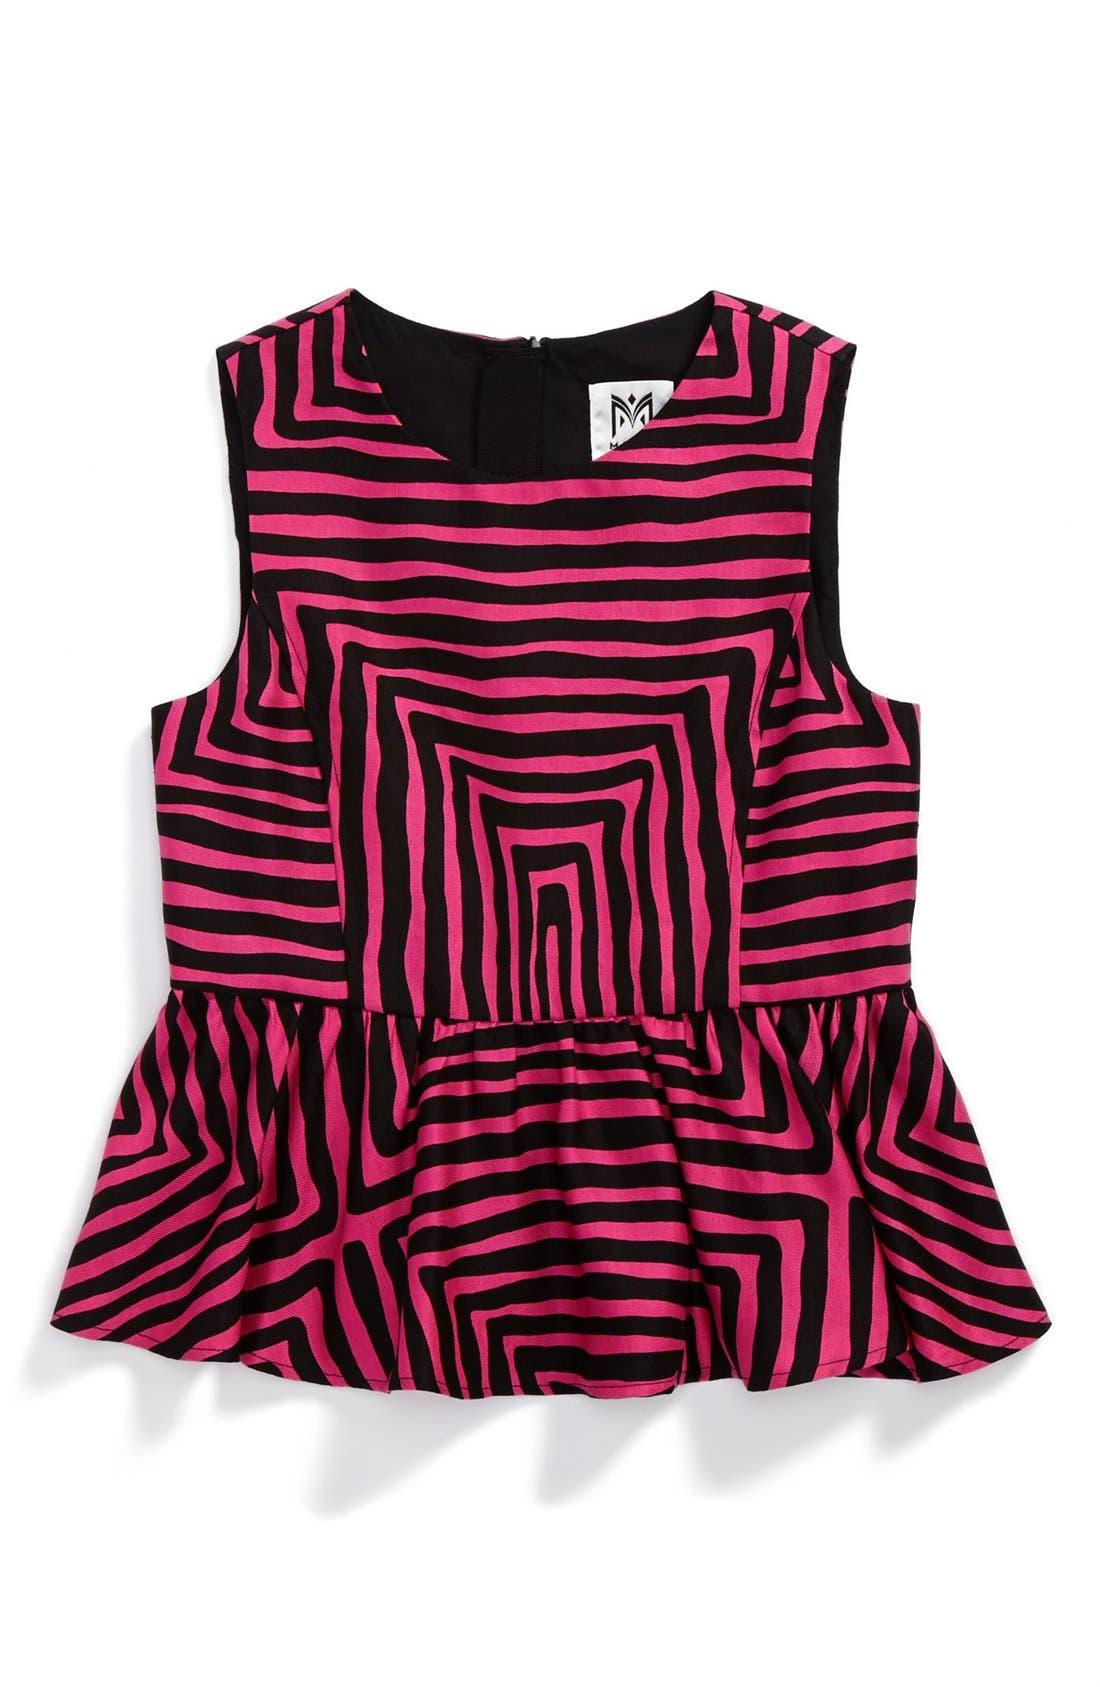 Main Image - Milly Minis 'Pippa' Peplum Top (Toddler Girls, Little Girls & Big Girls)